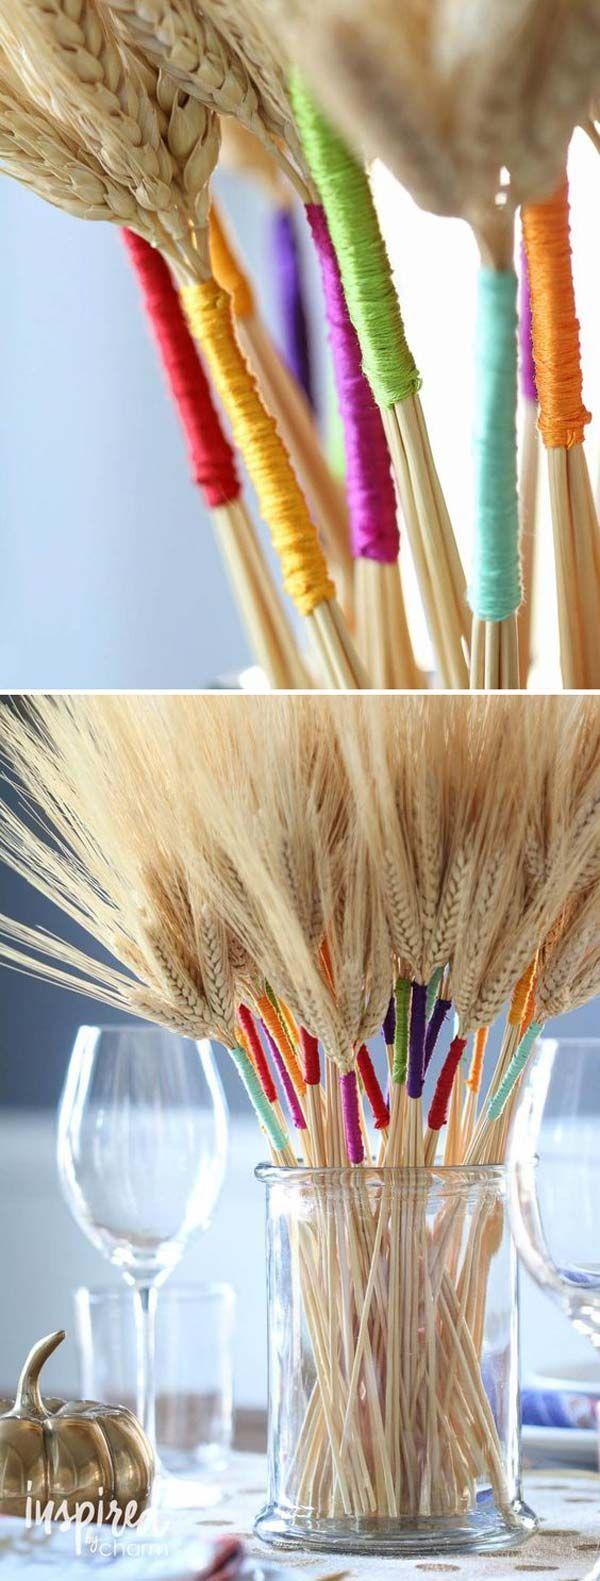 Le blé de couleur bricolée enveloppé est une belle façon d'ajouter de l'int…